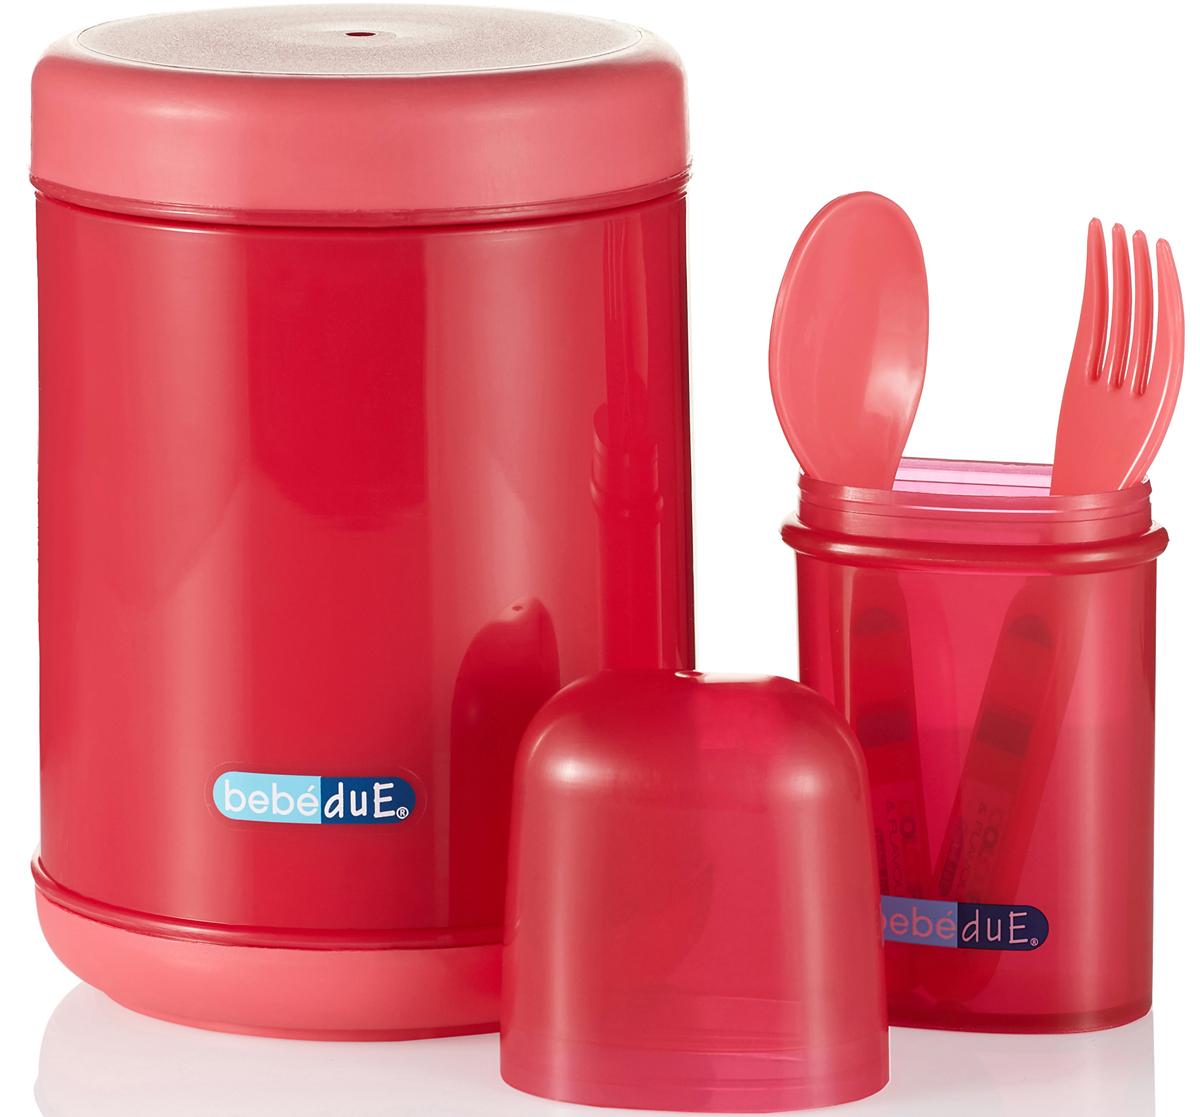 Bebe Due Набор для кормления 500 мл цвет розовый красный